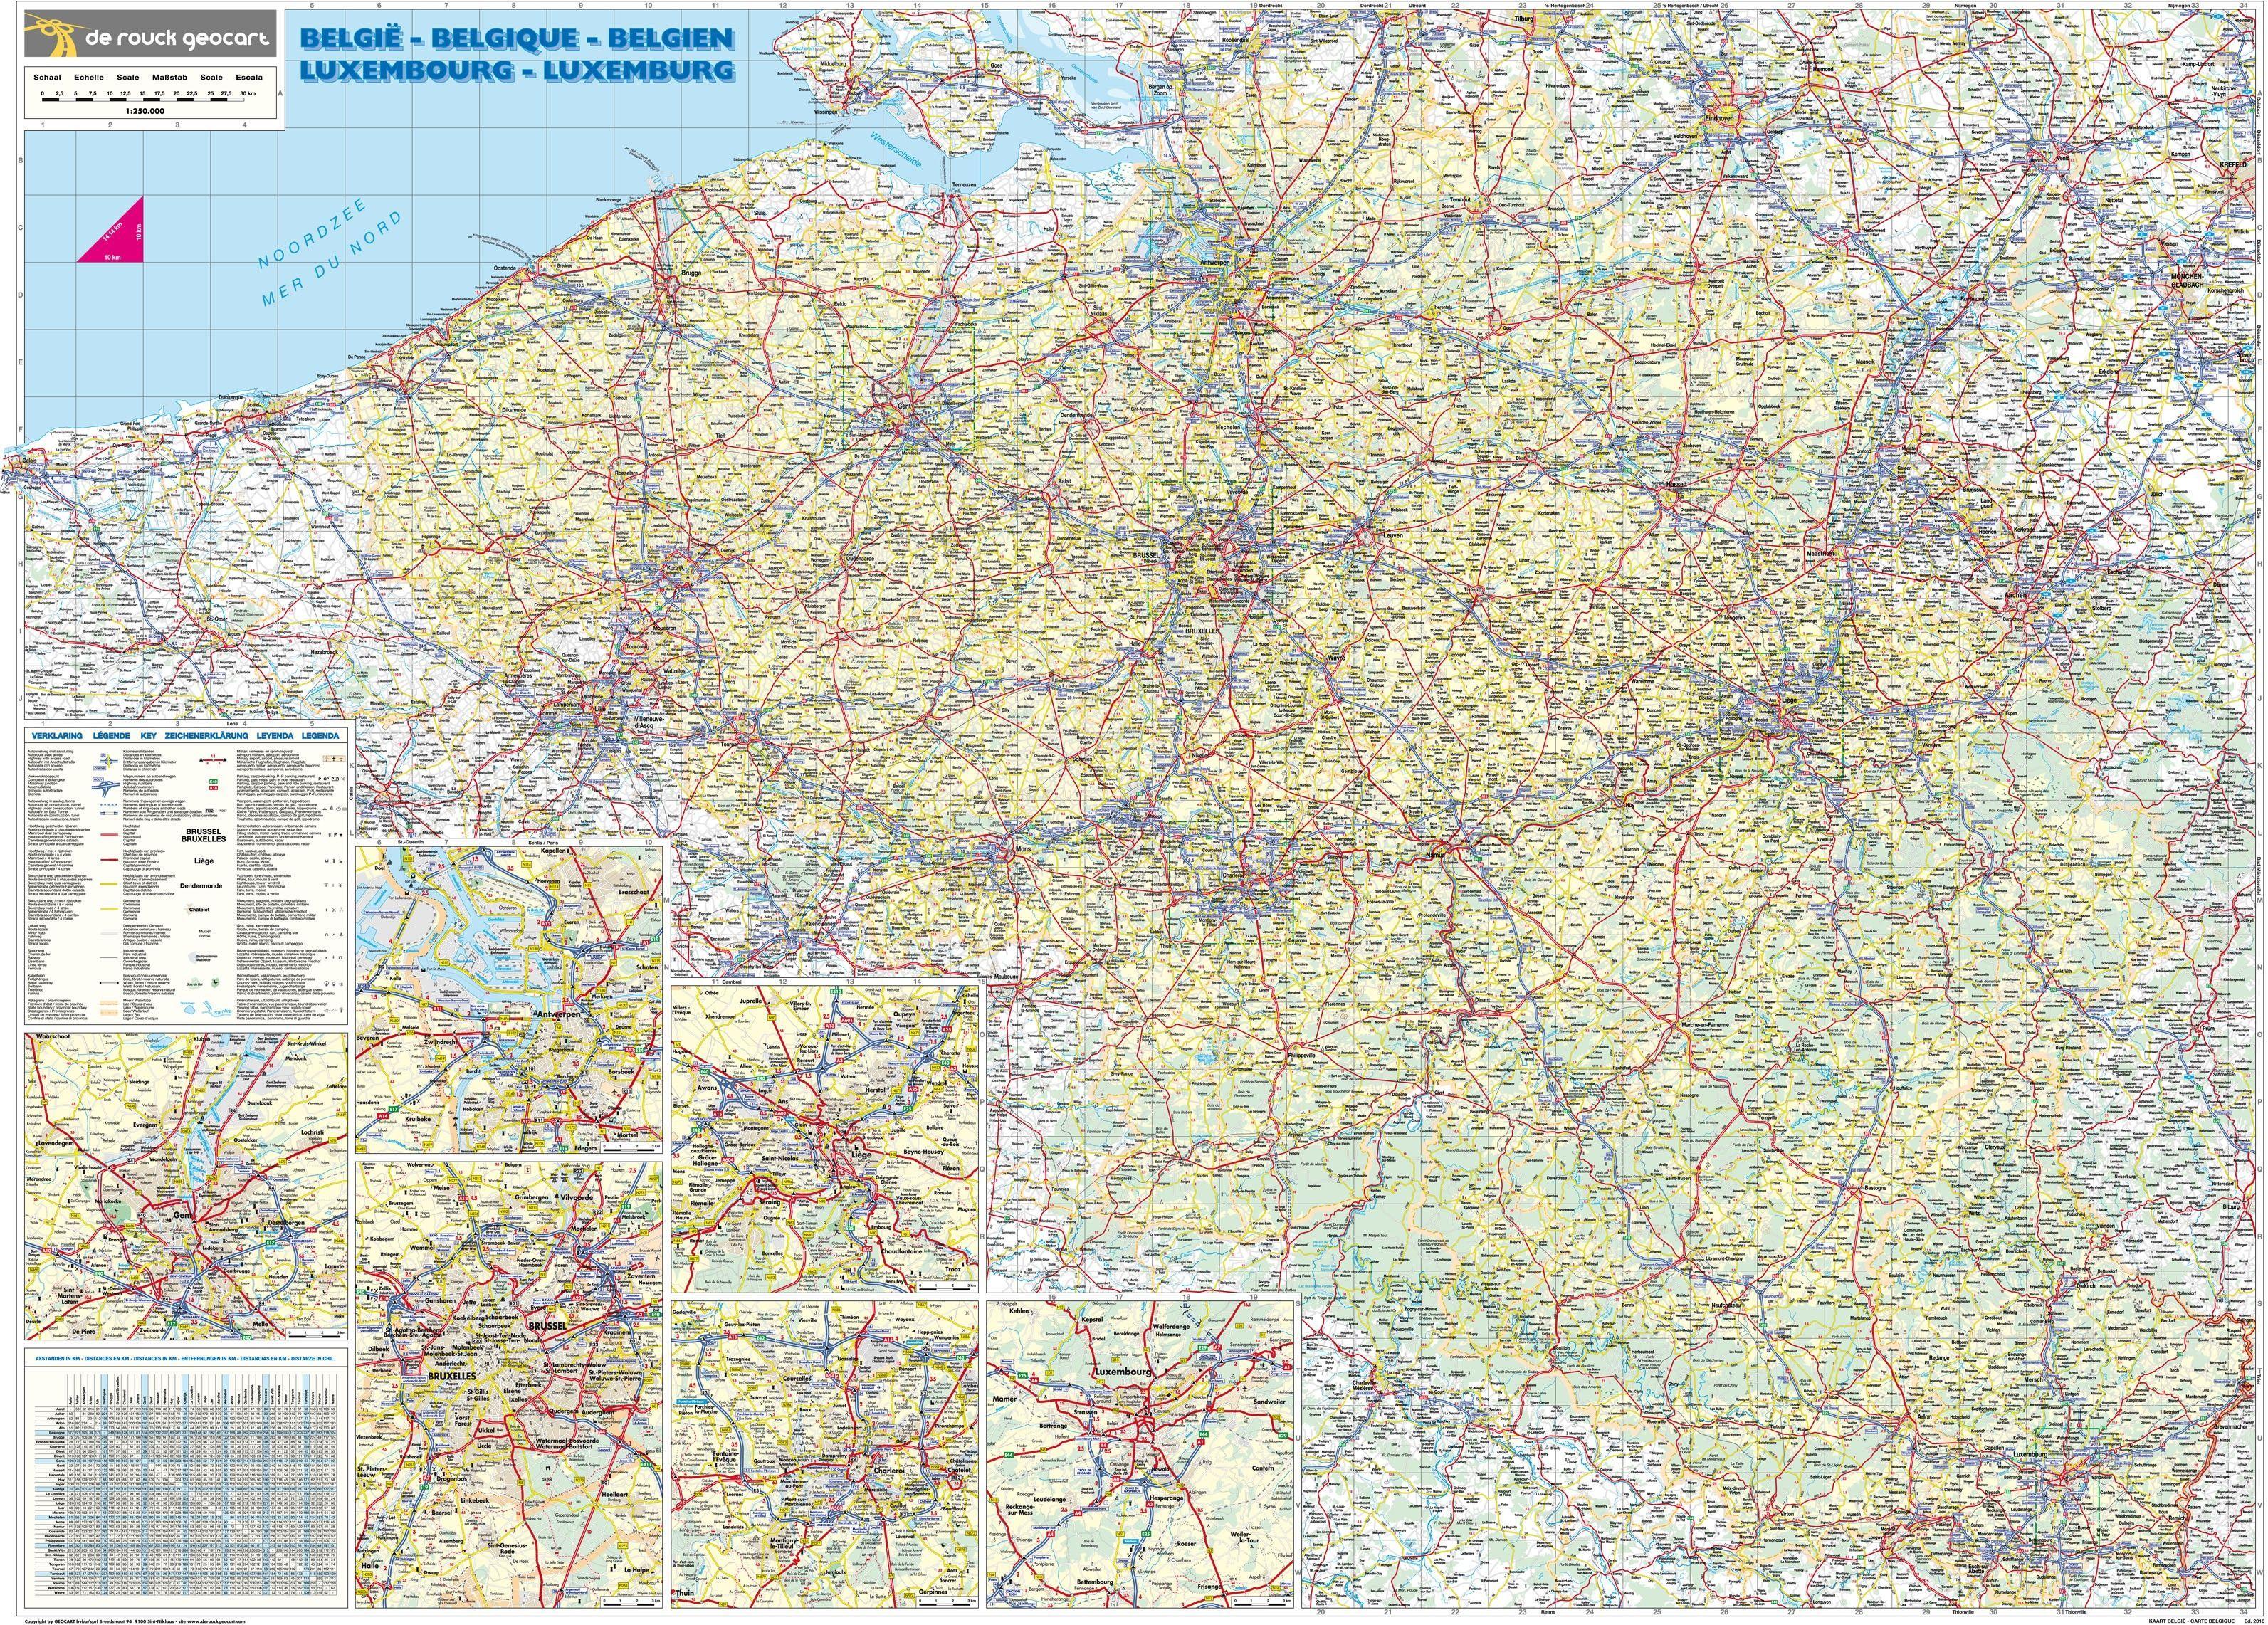 Landkaart Belgie de Rouck Geocart 1:250.000 met plaatsnamenregister